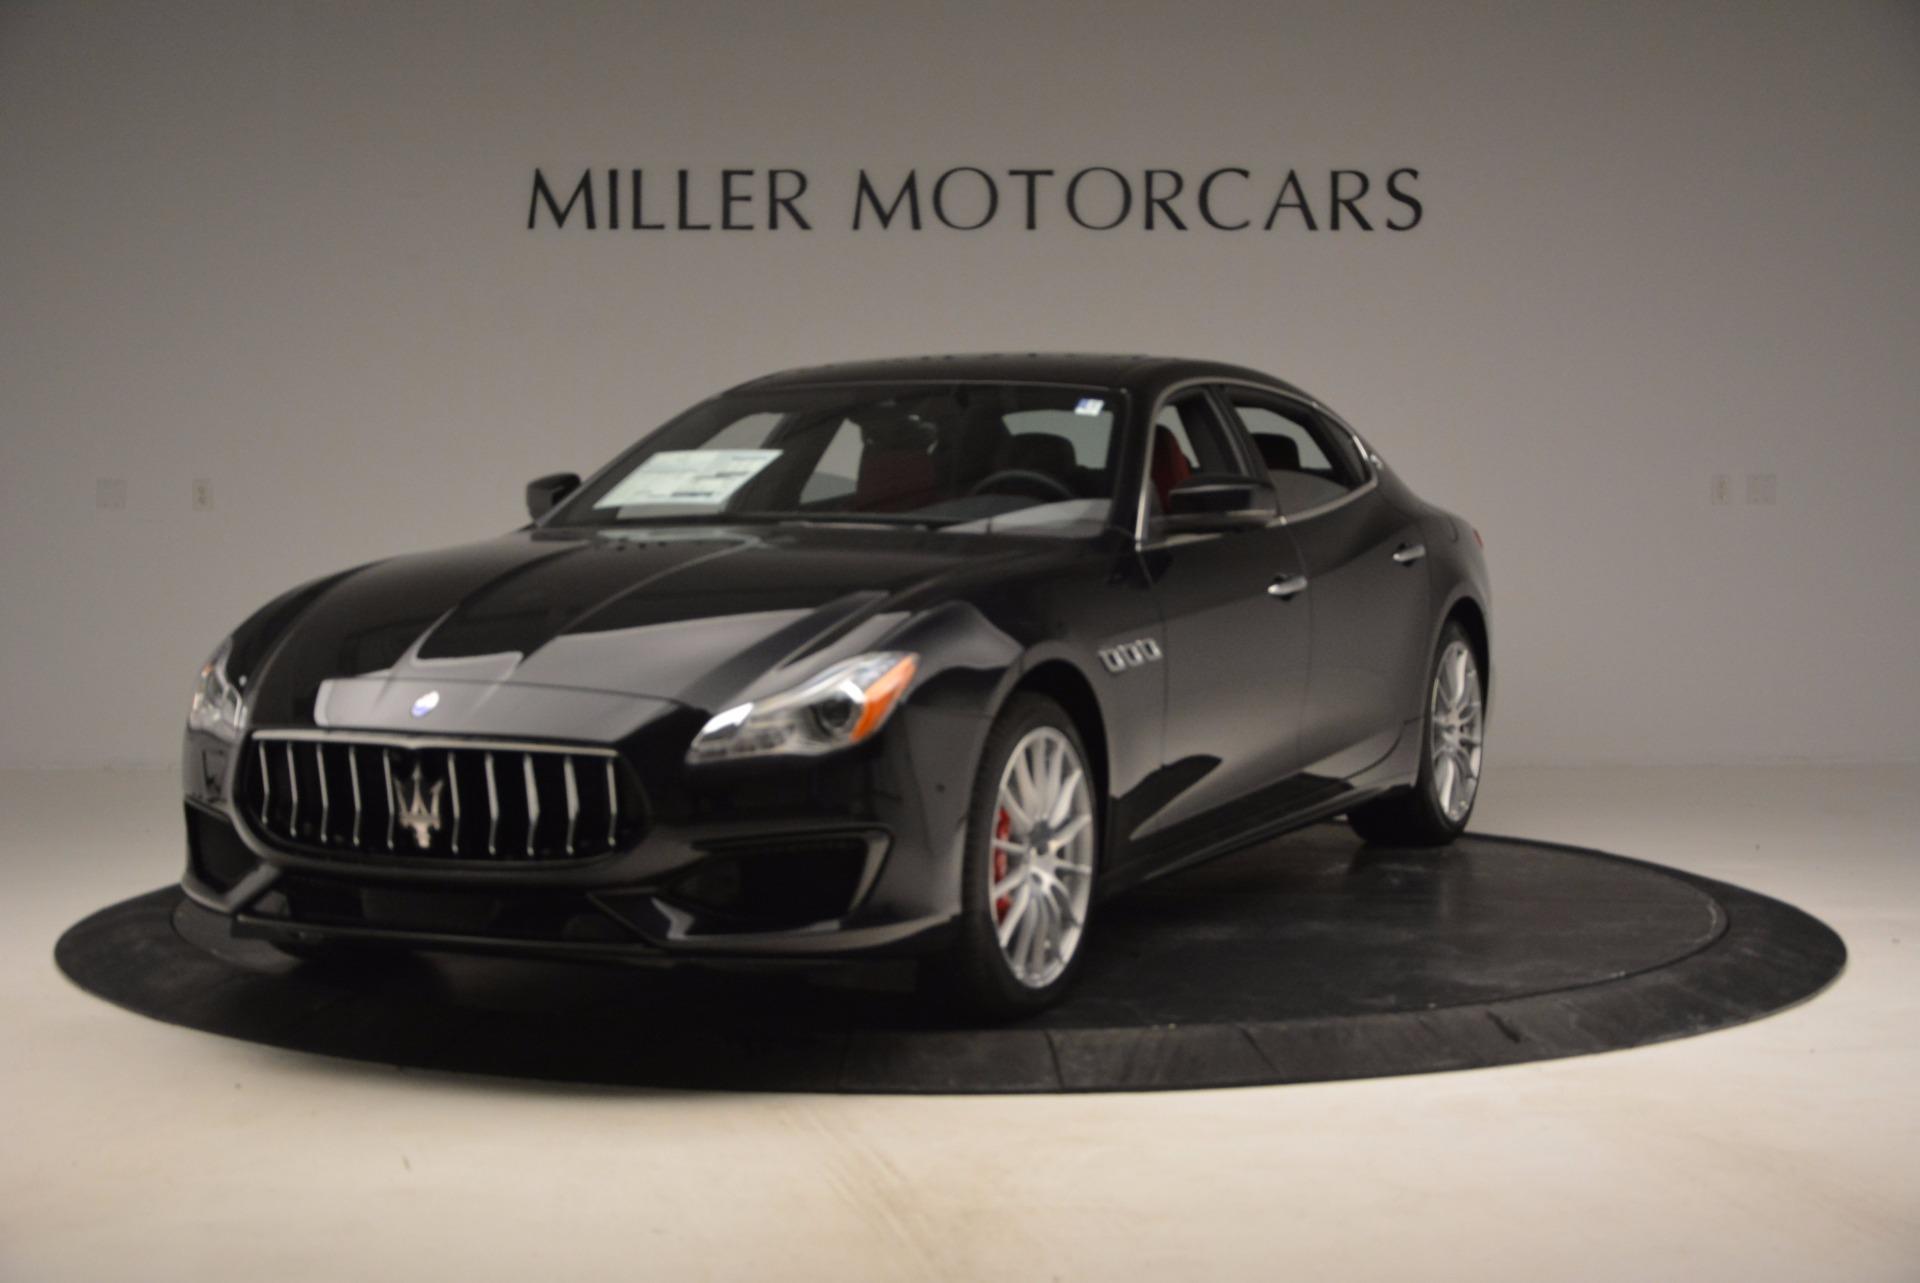 New 2017 Maserati Quattroporte S Q4 GranSport for sale Sold at Alfa Romeo of Greenwich in Greenwich CT 06830 1